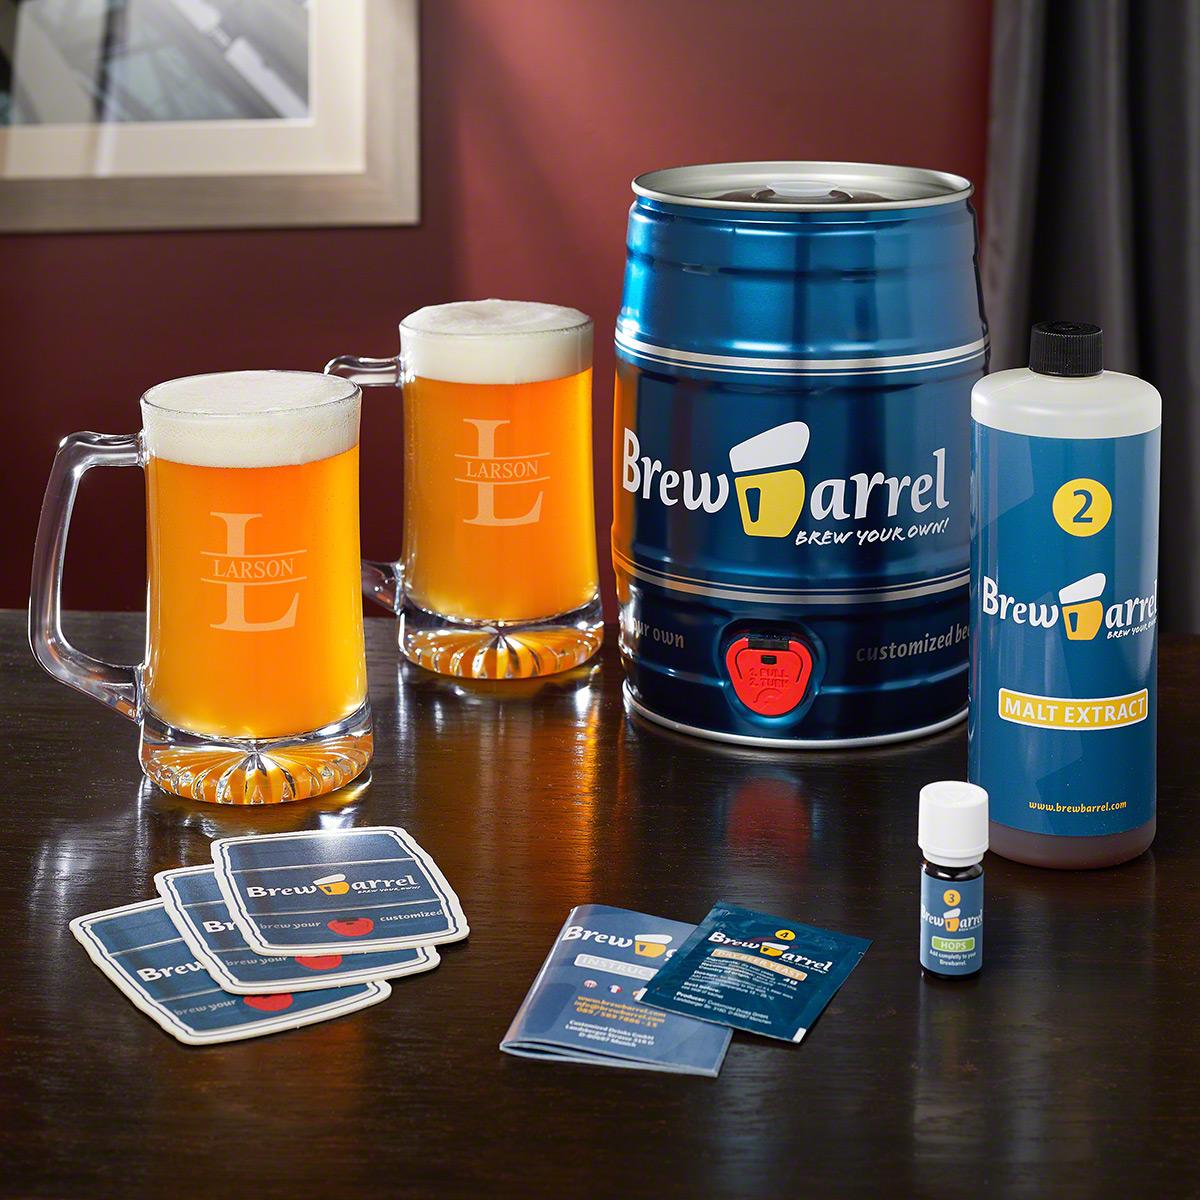 Oakmont Engraved Mugs and Home Brew Starter Kit